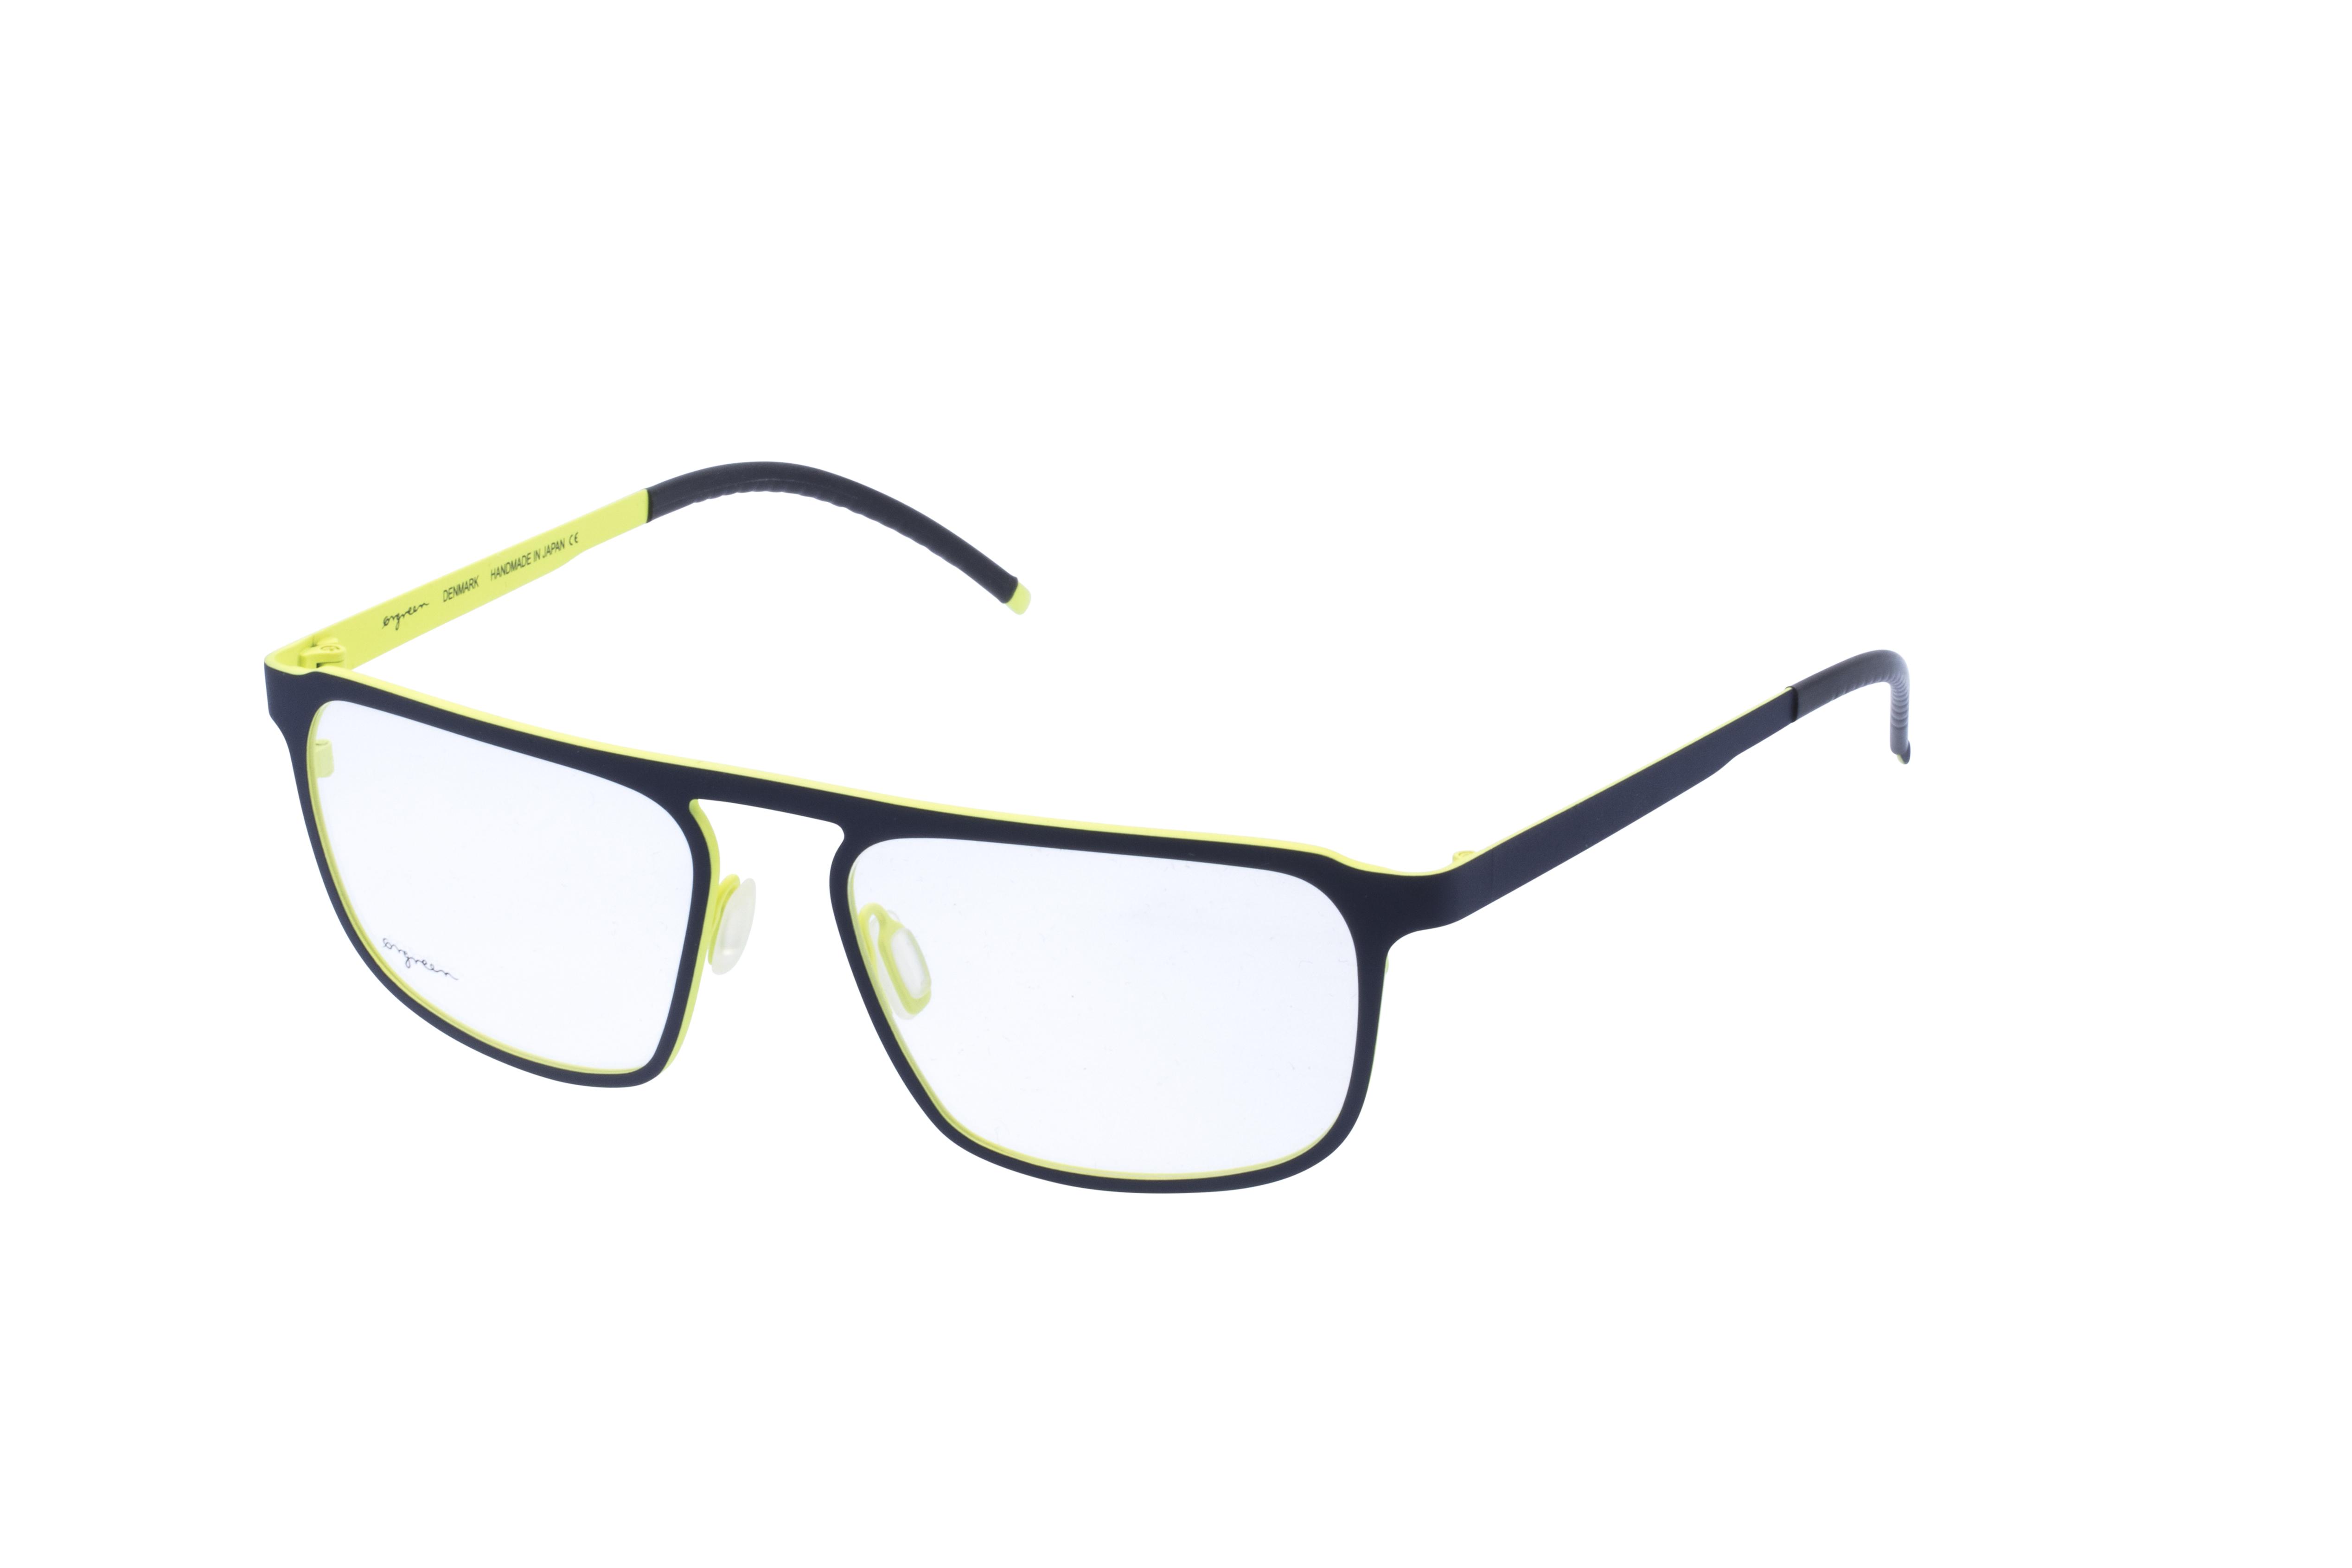 360 Grad Ansicht 22 Orgreen Crow, Brille auf Weiß - Fassung bei KUNK